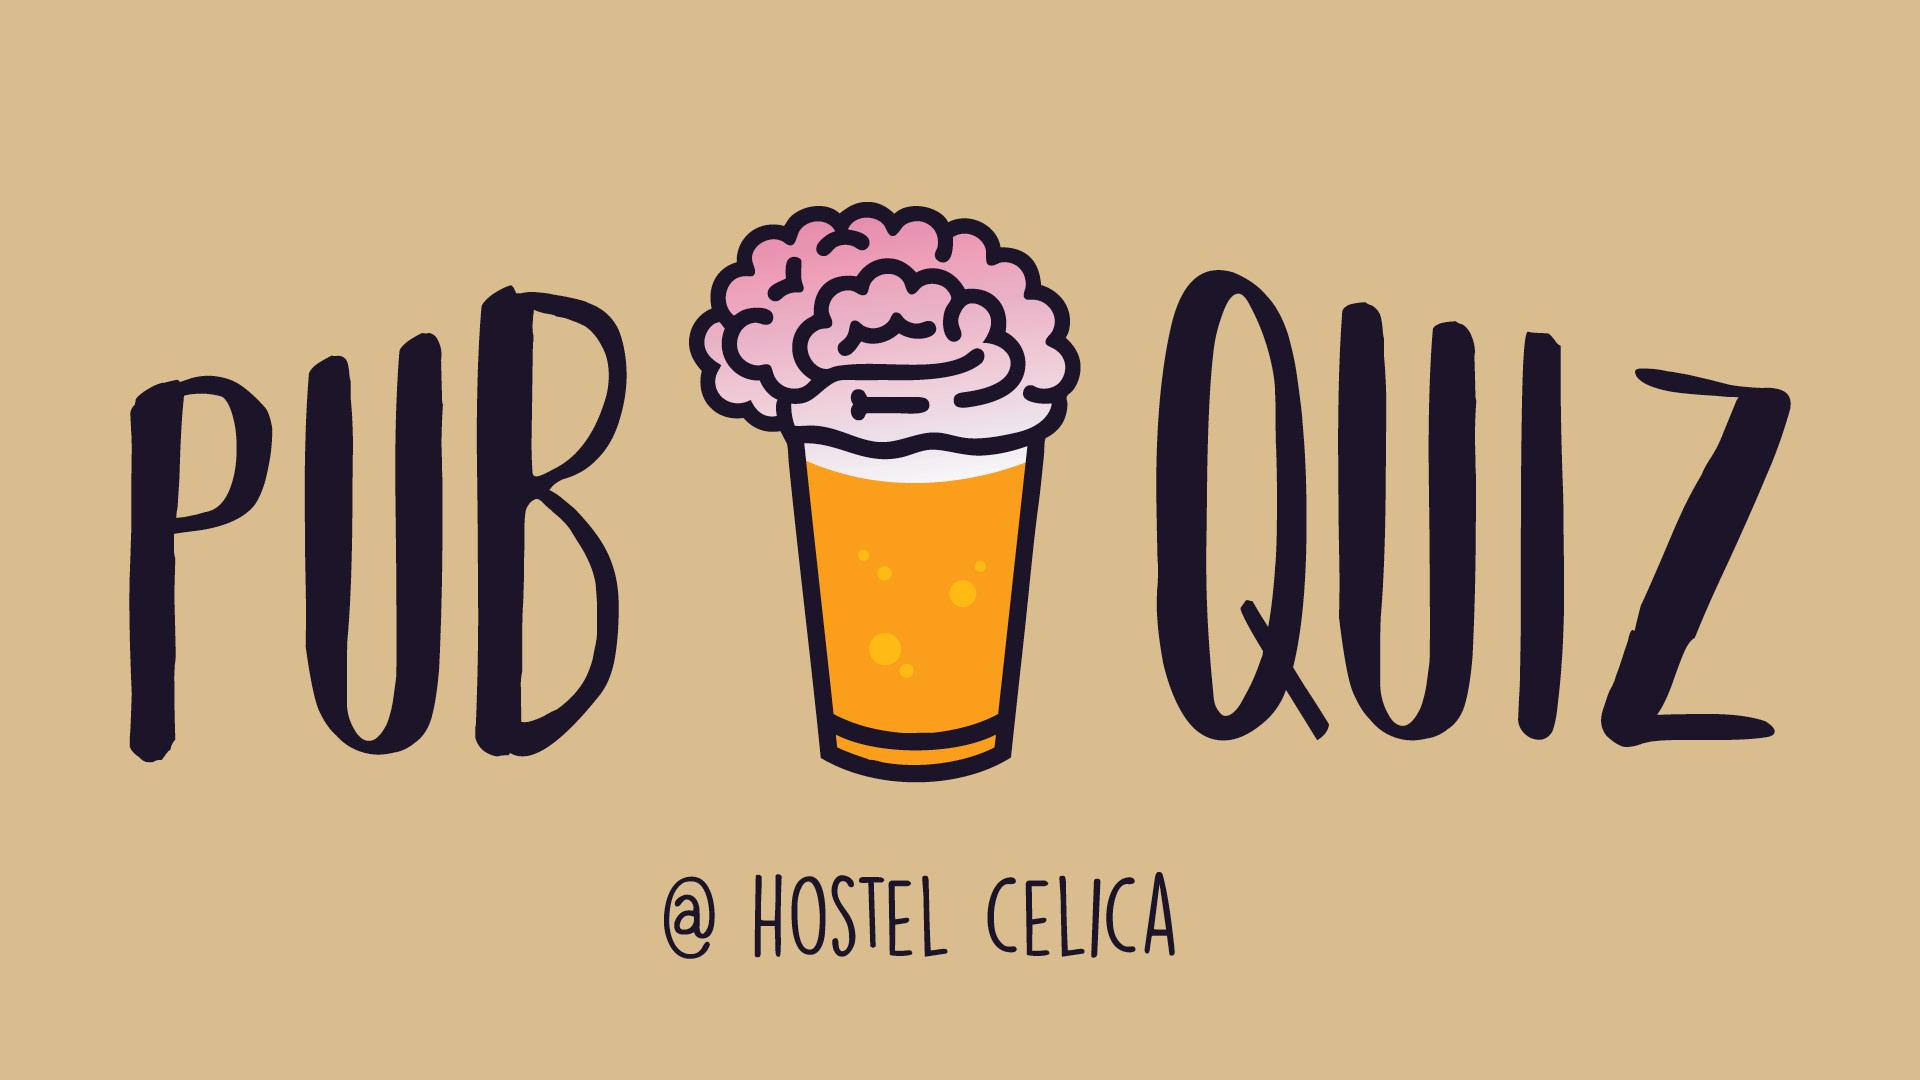 Pub quiz | Celica